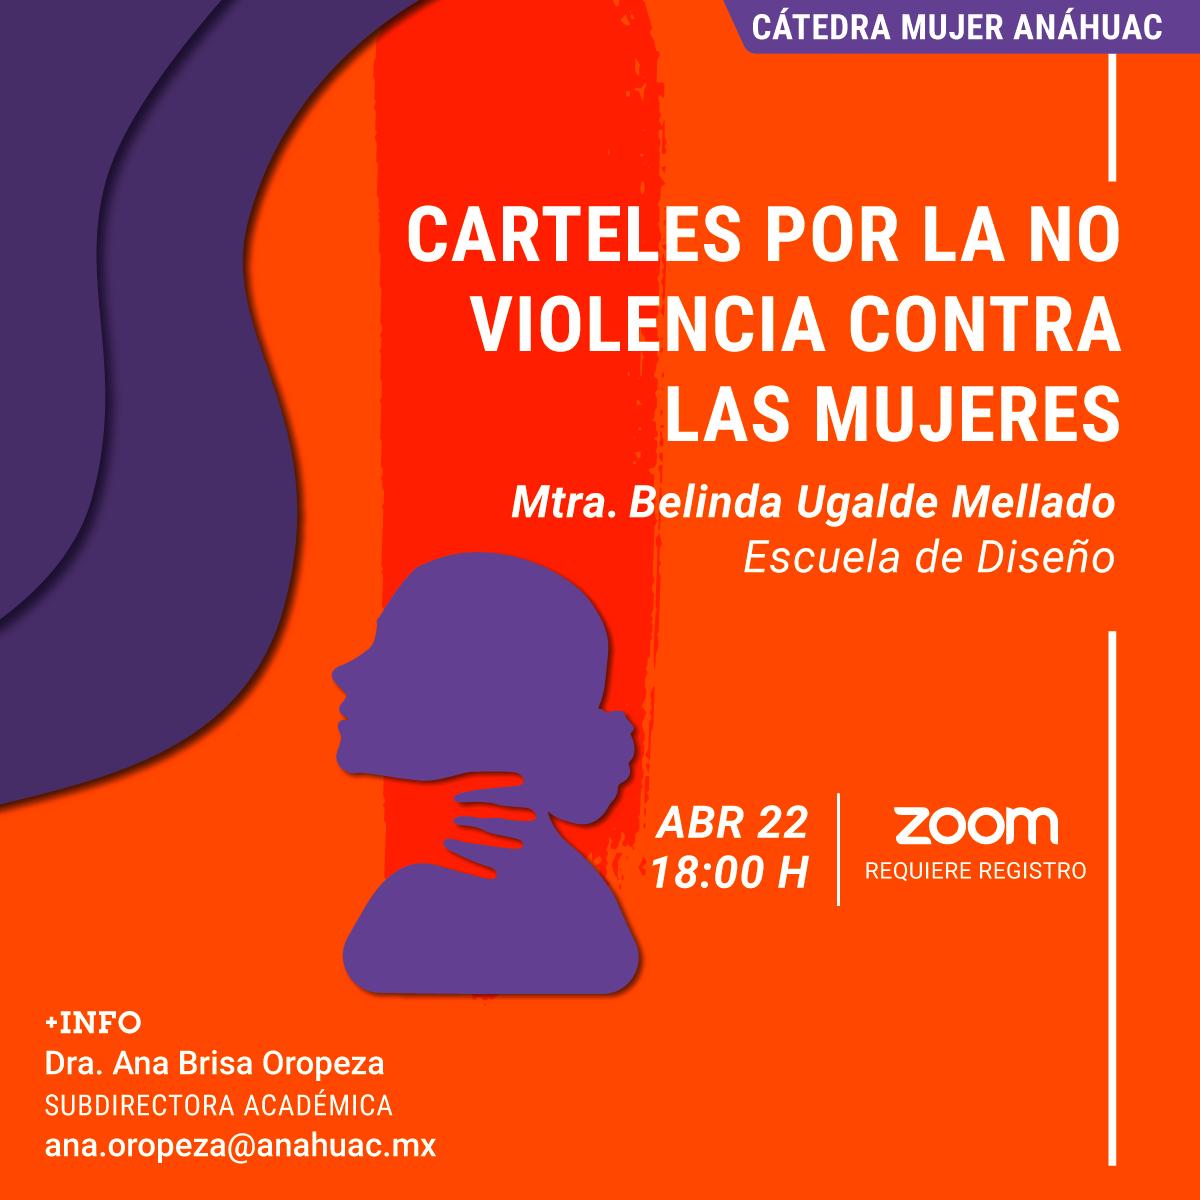 Carteles por la No Violencia Contra las Mujeres